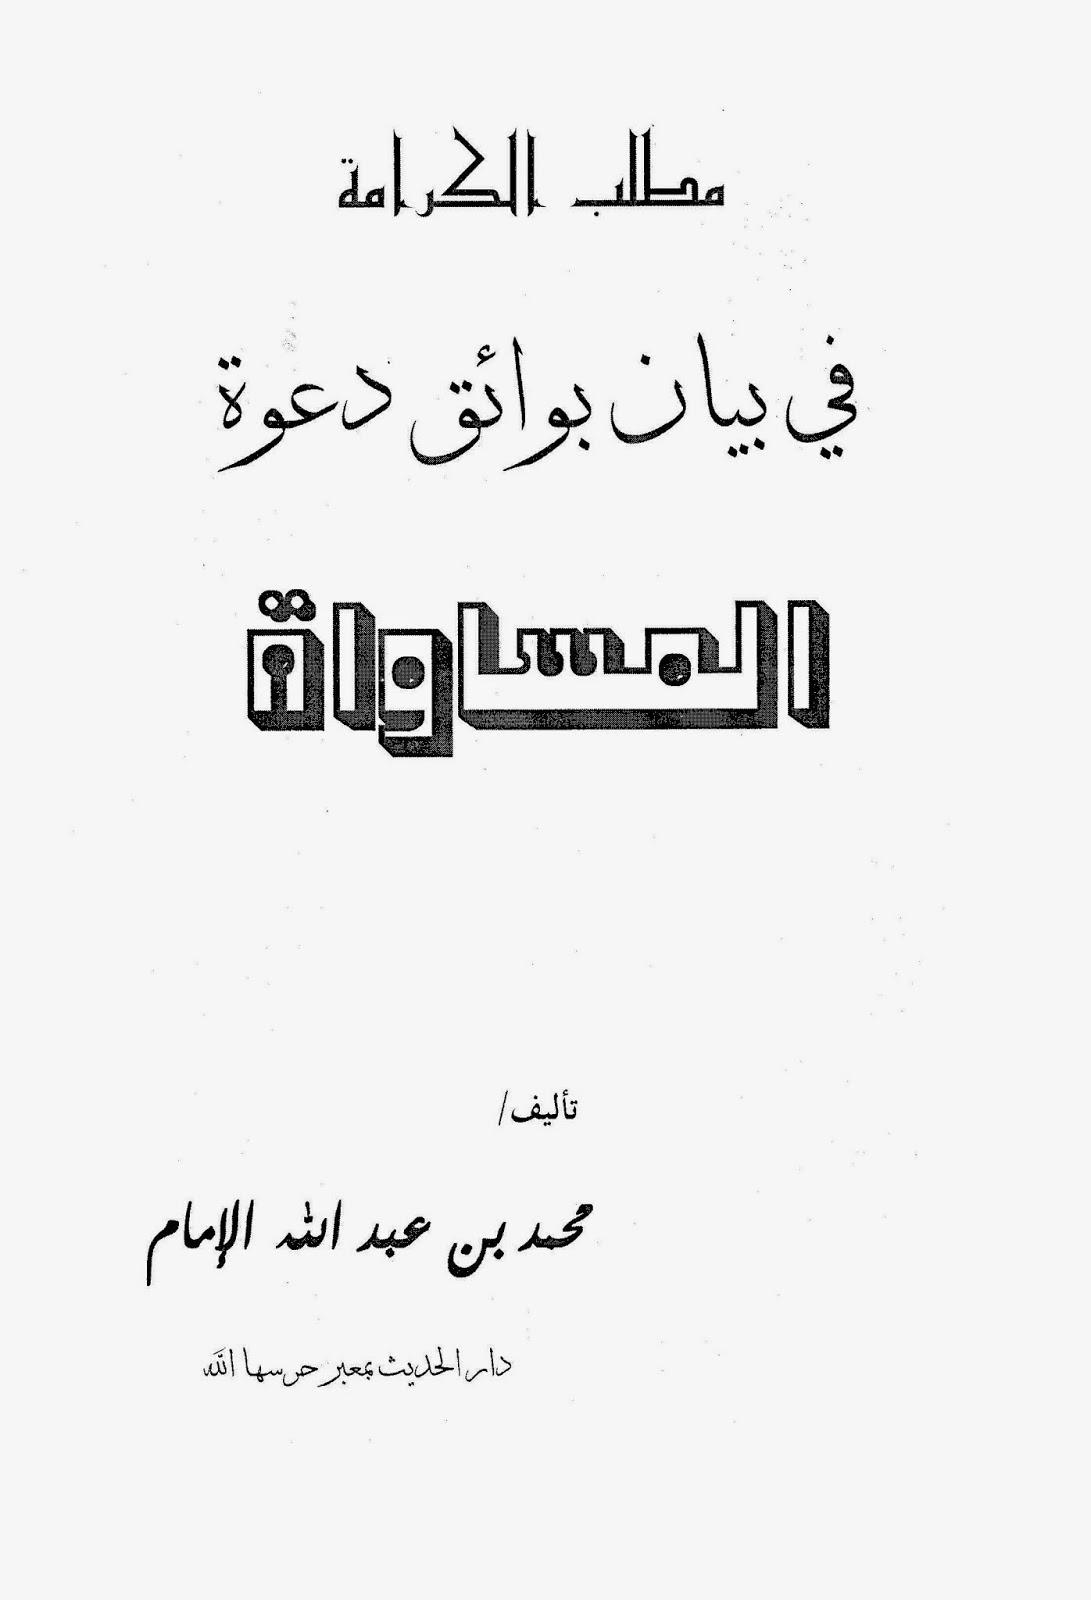 مطلب الكرامة في بيان بوائق دعوة المساواة لـ محمد بن عبد الإمام